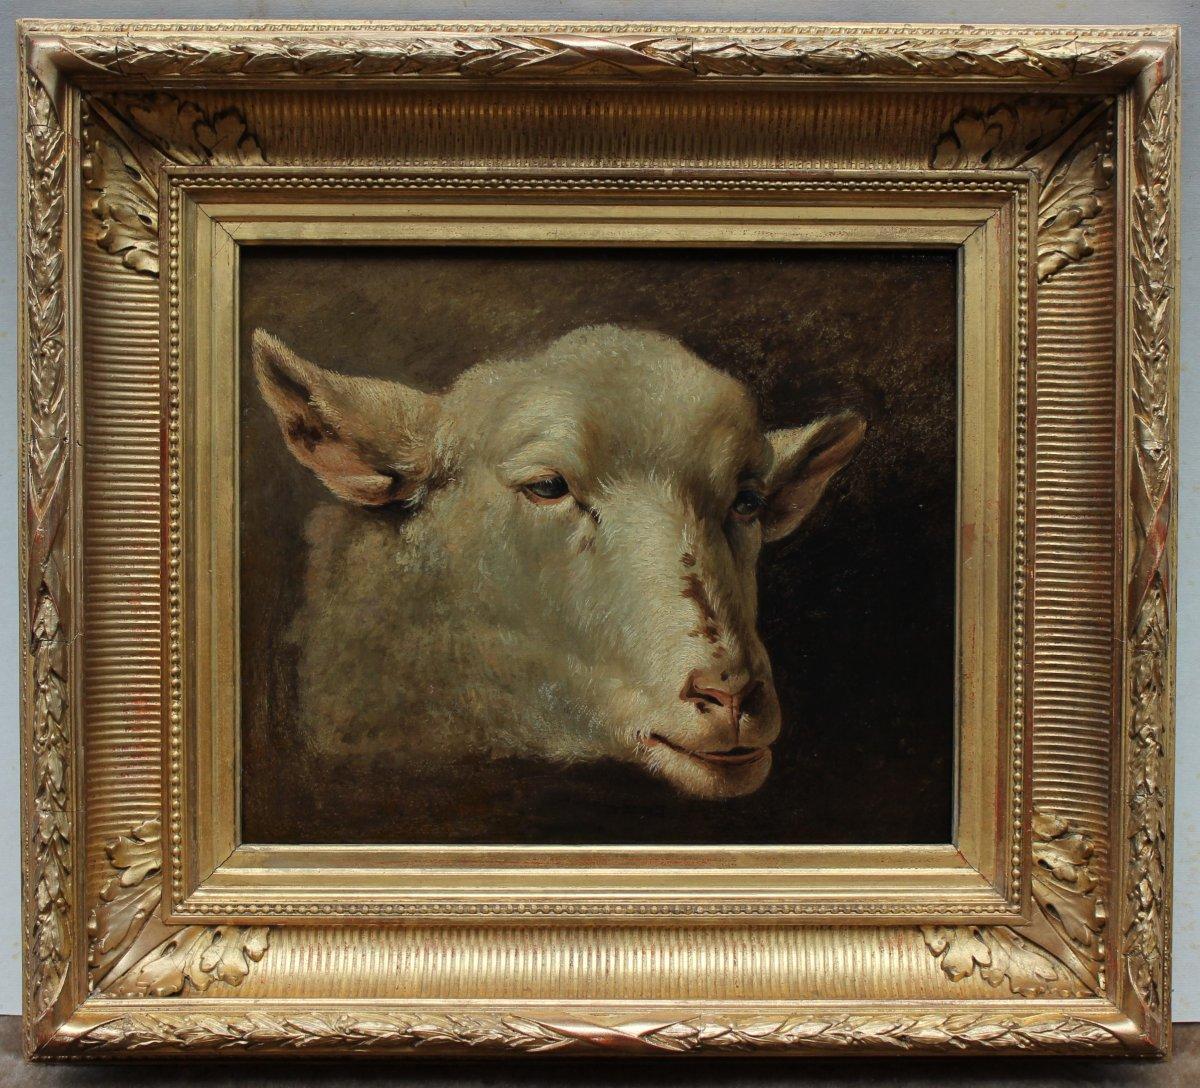 Etude de tète de mouton XIXè, huile sur papier